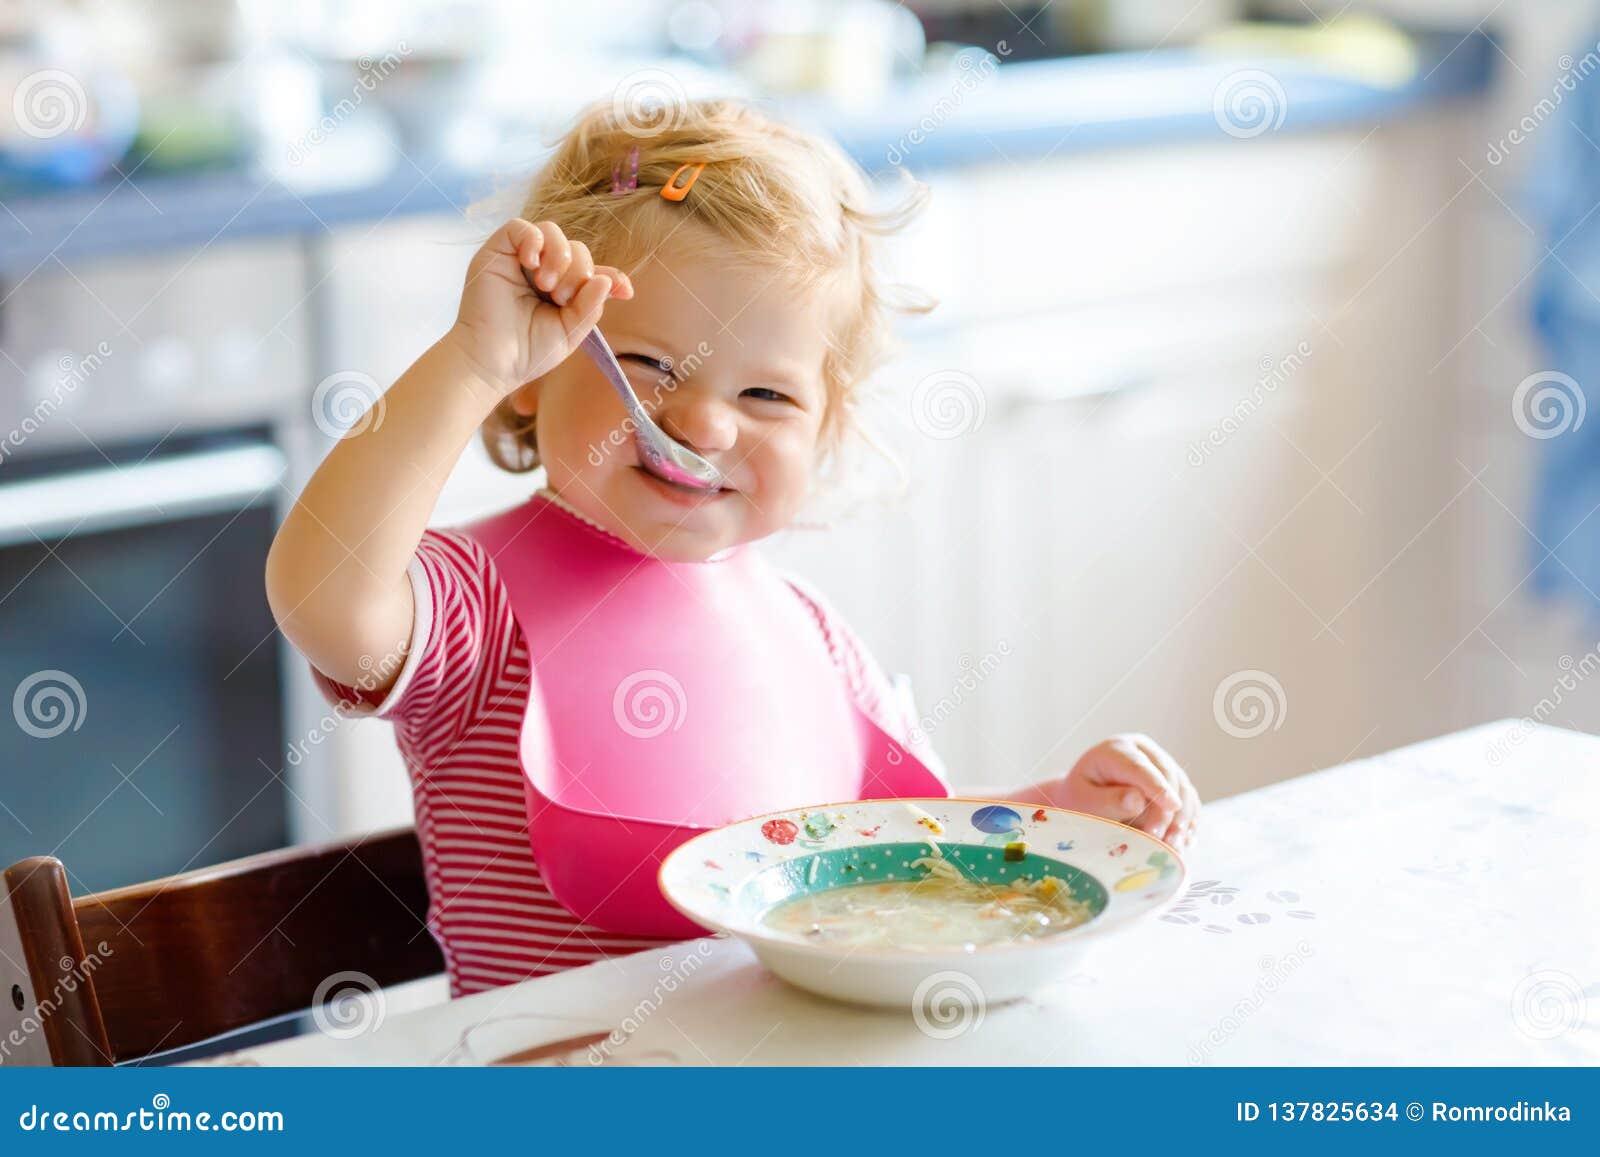 Uroczy dziewczynki łasowanie od łyżkowej jarzynowej kluski polewki jedzenia, dziecka, karmienia i rozwoju pojęcie, słodki paker